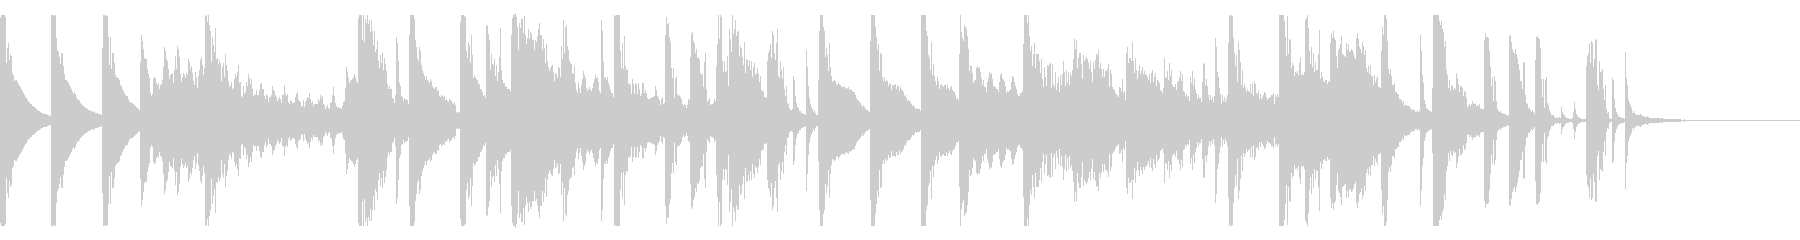 シンコペーションエレクトロポップの未再生の波形